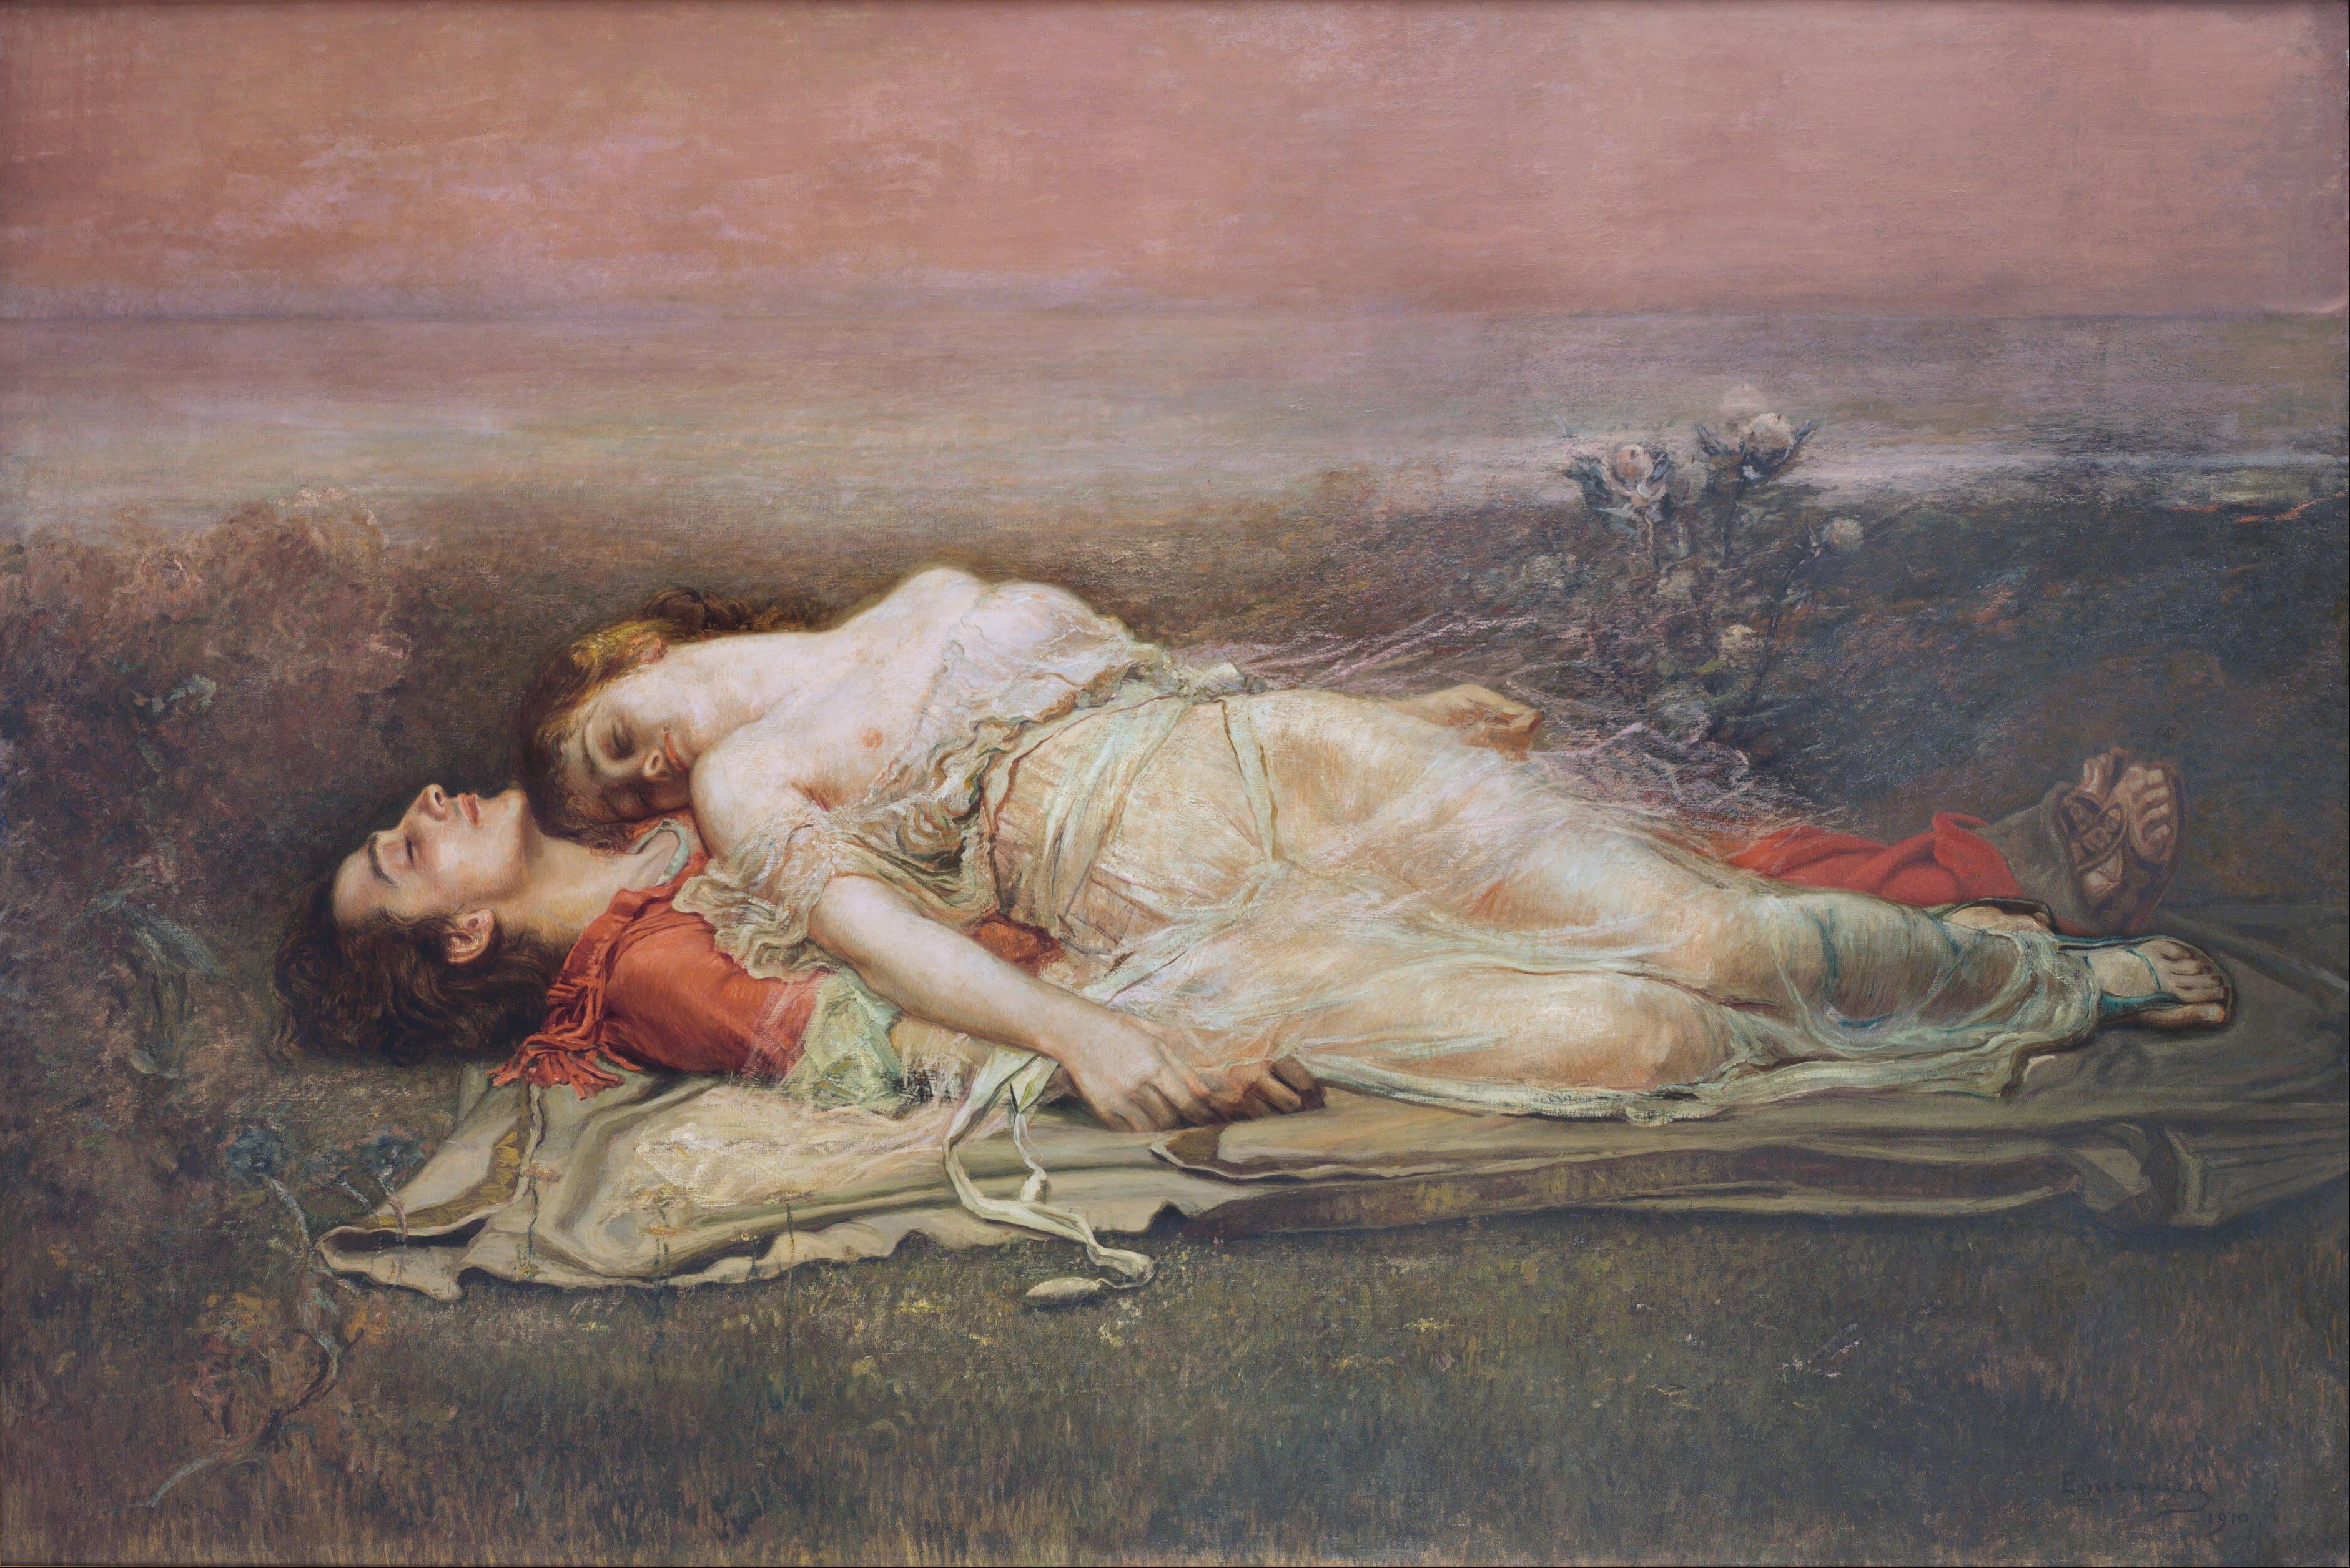 Morte di Tristano e Isotta. Olio su tela di Rogelio de Egusquiza, 1910.